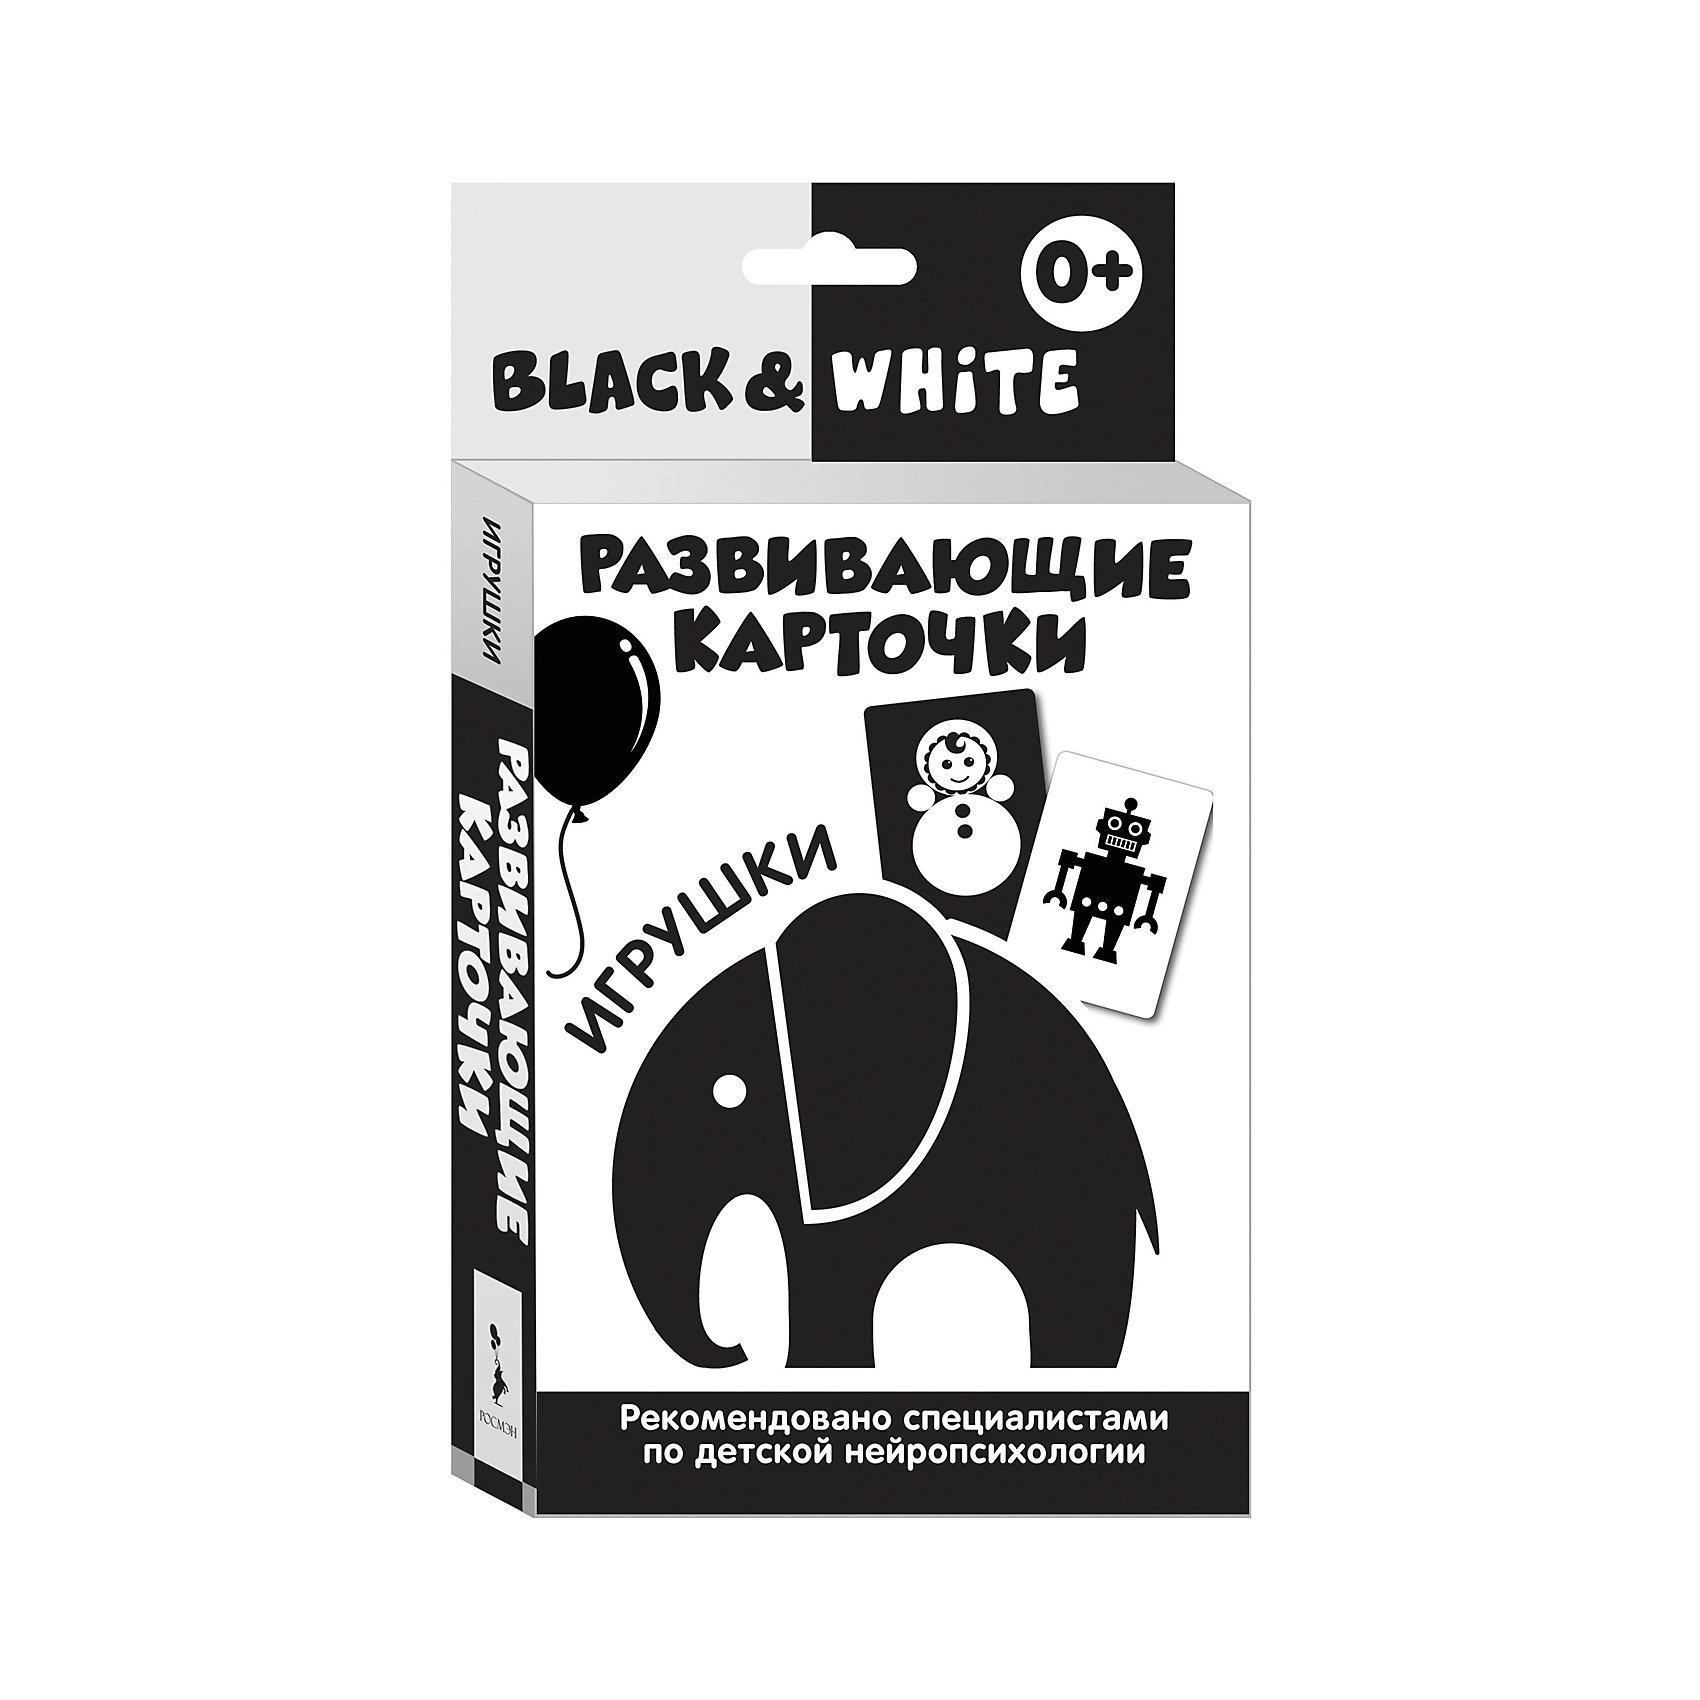 Развивающие карточки Black &amp; White. ИгрушкиХарактеристики товара:<br><br>- цвет: черно-белый;<br>- материал: бумага;<br>- количество карточек: 16;<br>- формат: 20,0 x 11,2 см;<br>- возраст: 0+;<br>- обложка: картонная коробка.<br><br>Развивающие карточки – отличный вариант для раннего обучения ребенка и дальнейшей его подготовке школе. Набор тренирует зрительную память и восприятие. Комплект содержит 16 карточек с контрастными изображениями из картона. В наборе есть инструкция для родителей, разработанная специализированными нейропсихологами. Все материалы, использованные при производстве издания, соответствуют всем стандартам качества и безопасности. <br><br>Издание Развивающие карточки Black &amp; White. Игрушки от компании Росмэн можно приобрести в нашем интернет-магазине.<br><br>Ширина мм: 200<br>Глубина мм: 112<br>Высота мм: 20<br>Вес г: 220<br>Возраст от месяцев: 0<br>Возраст до месяцев: 36<br>Пол: Унисекс<br>Возраст: Детский<br>SKU: 5109864